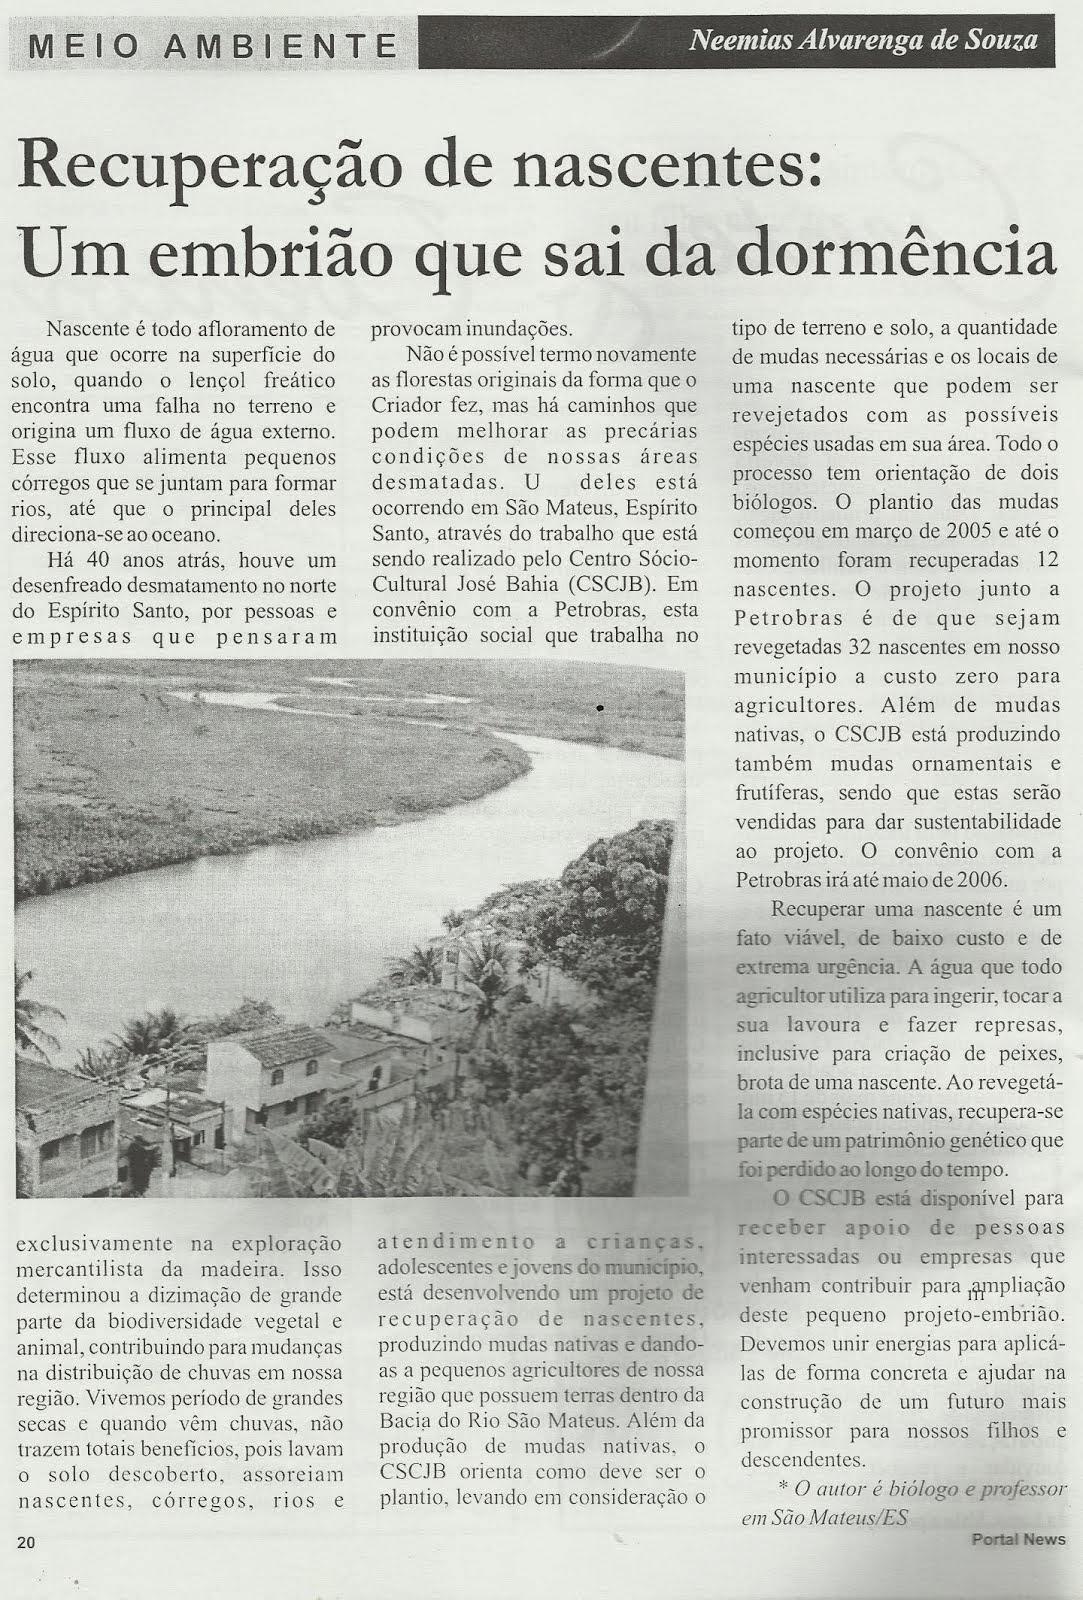 RECUPERAÇÃO DE NASCENTES EM SÃO MATEUS, ES.